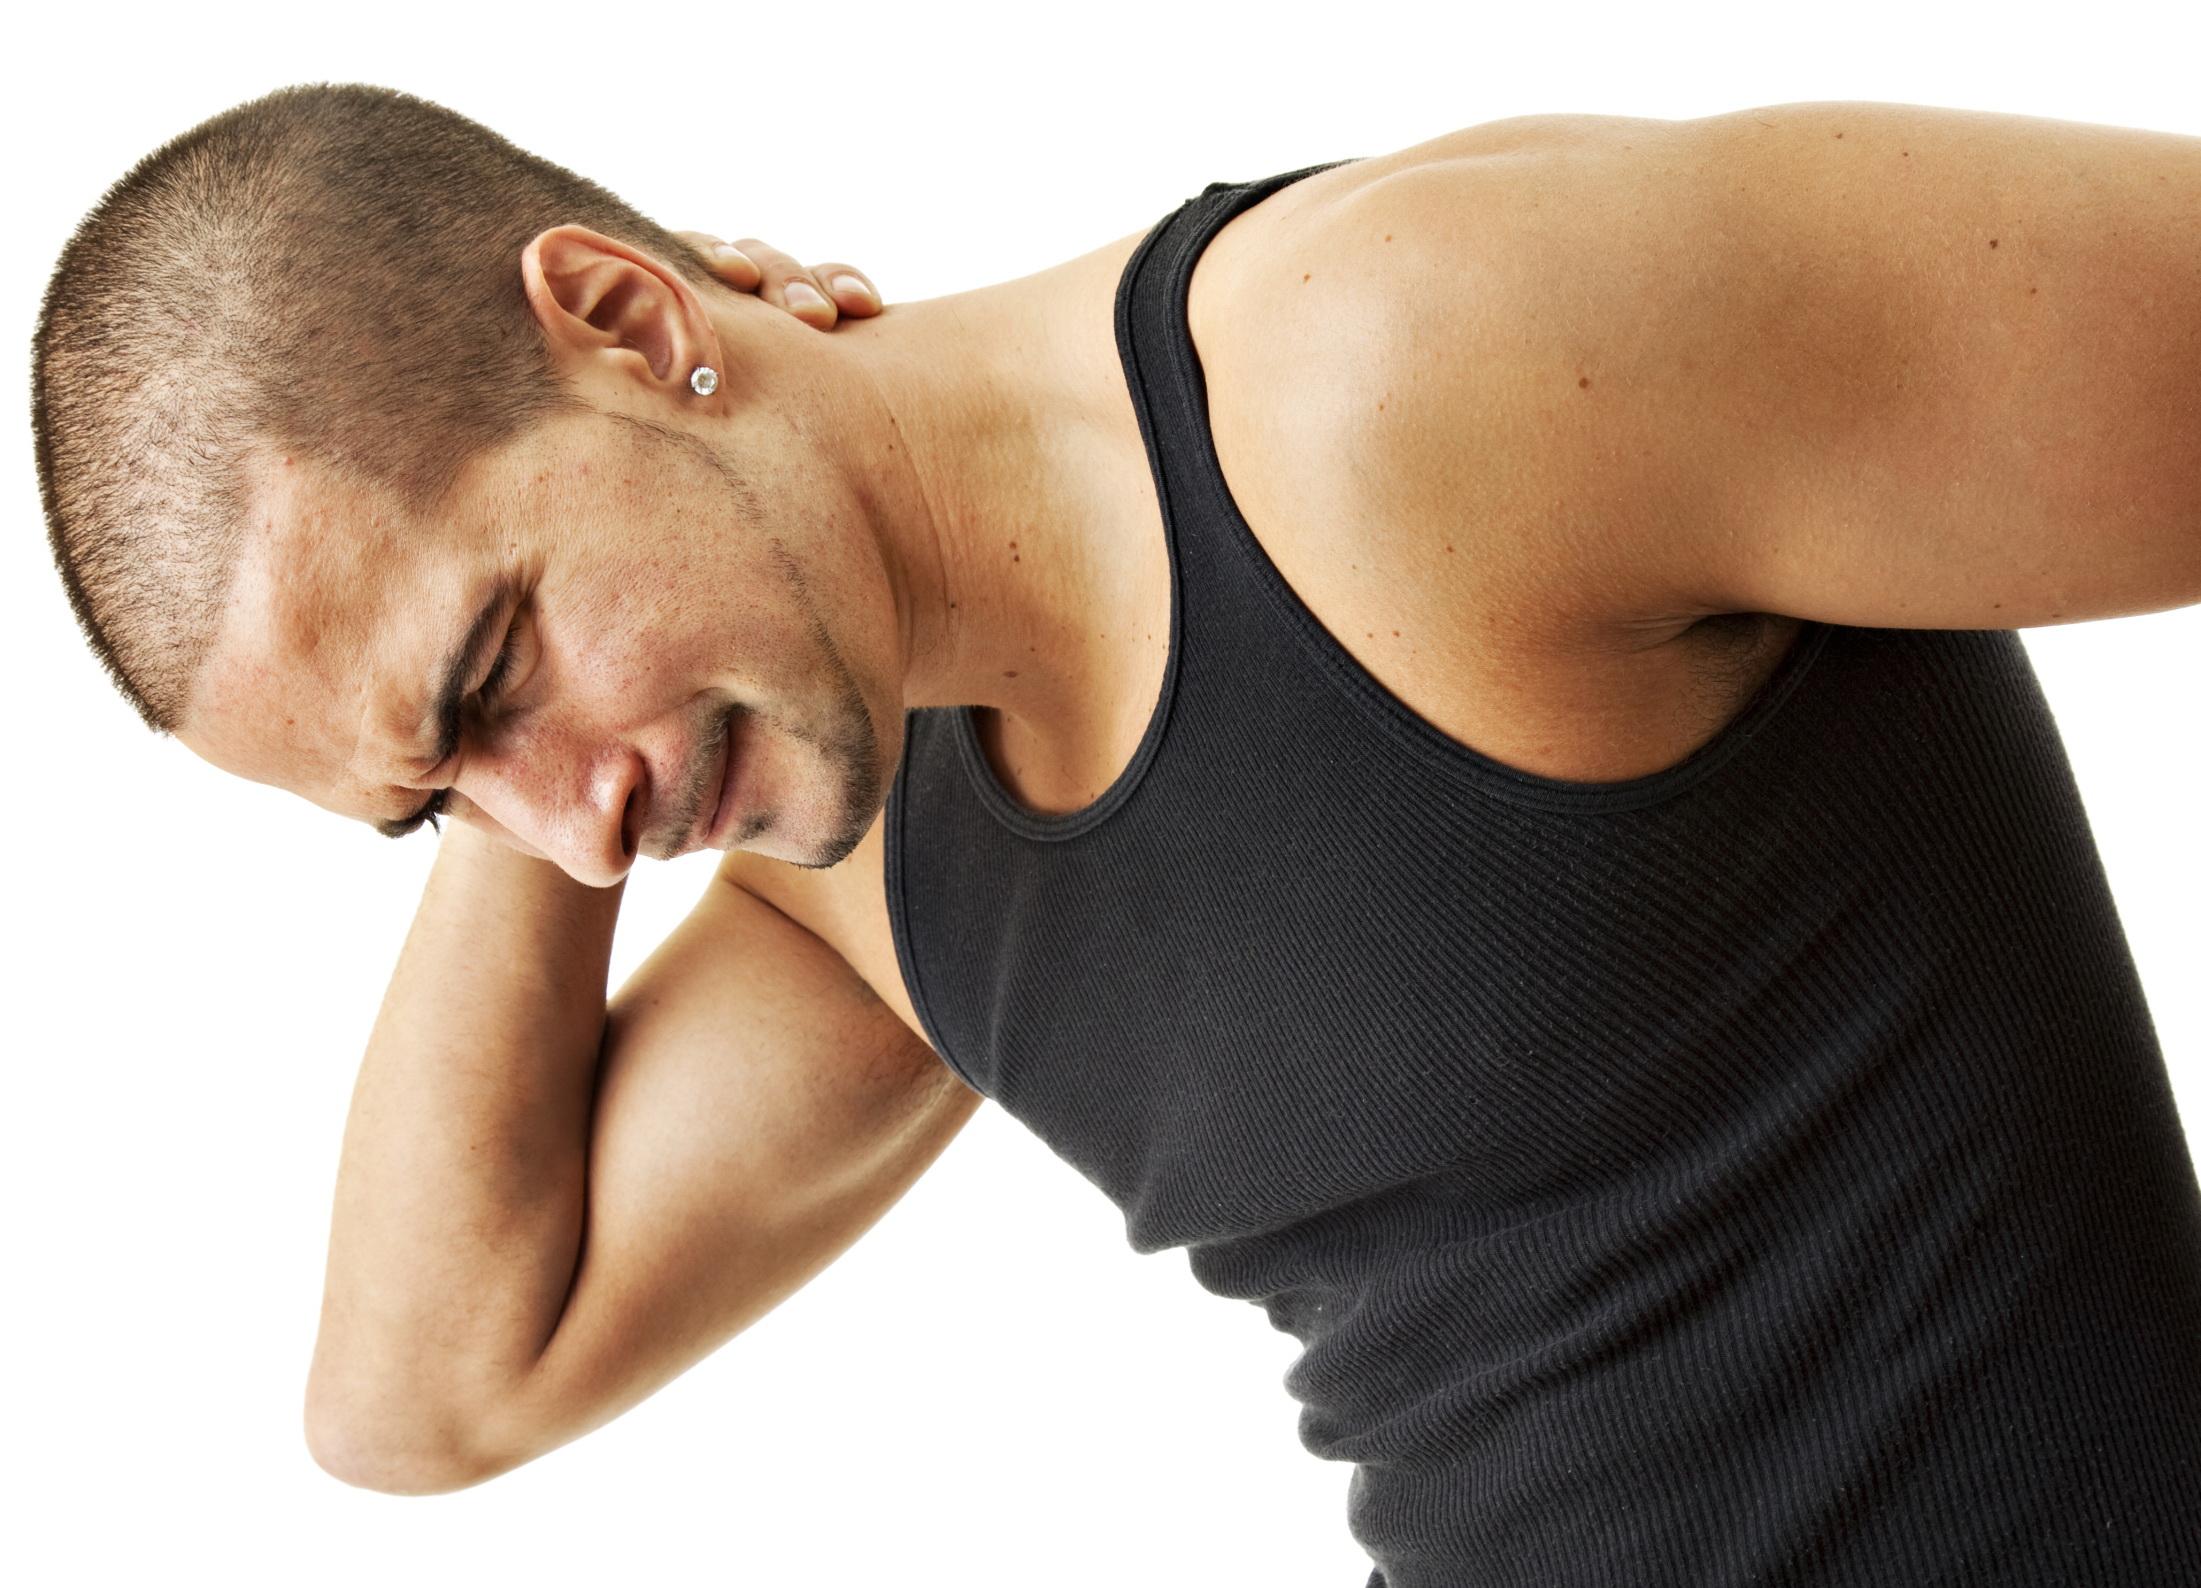 Шейный остеохондроз: симптомы и лечение в домашних условиях